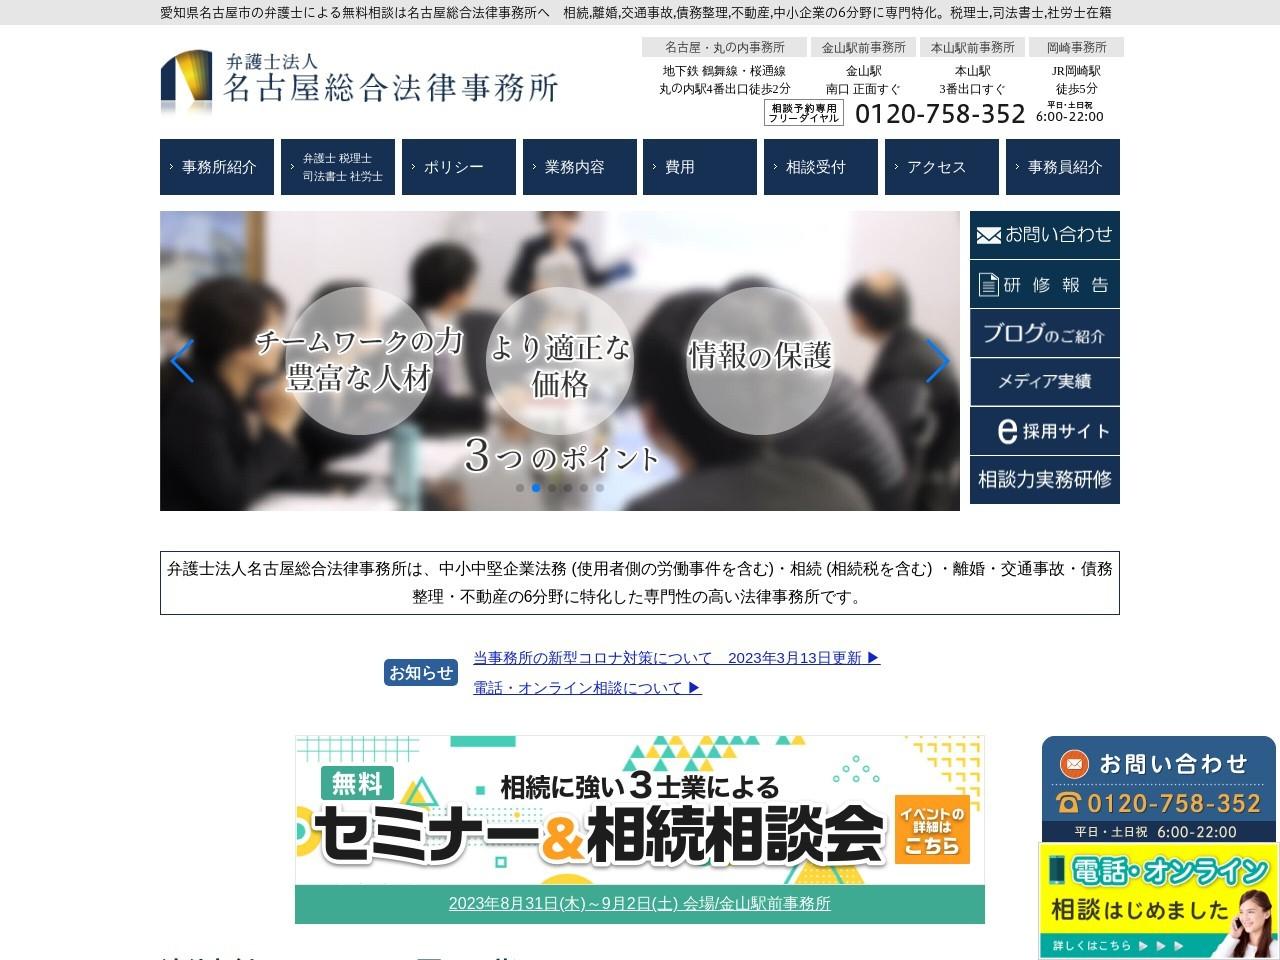 名古屋総合法律事務所(弁護士法人)